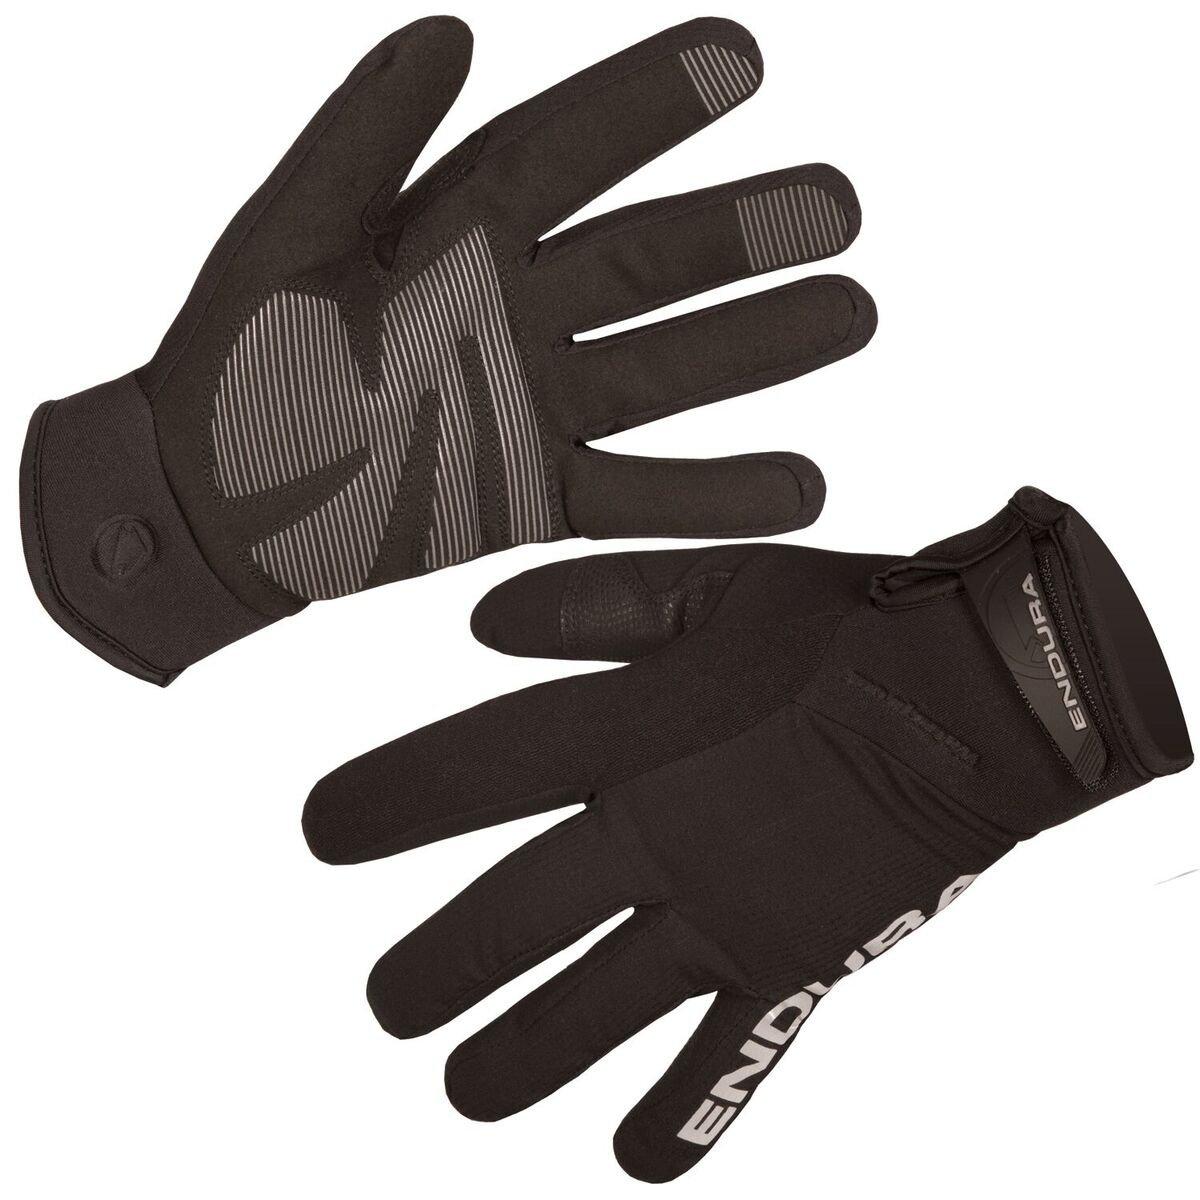 Endura Strike II Glove, wasserdichter Winterhandschuh -XS-